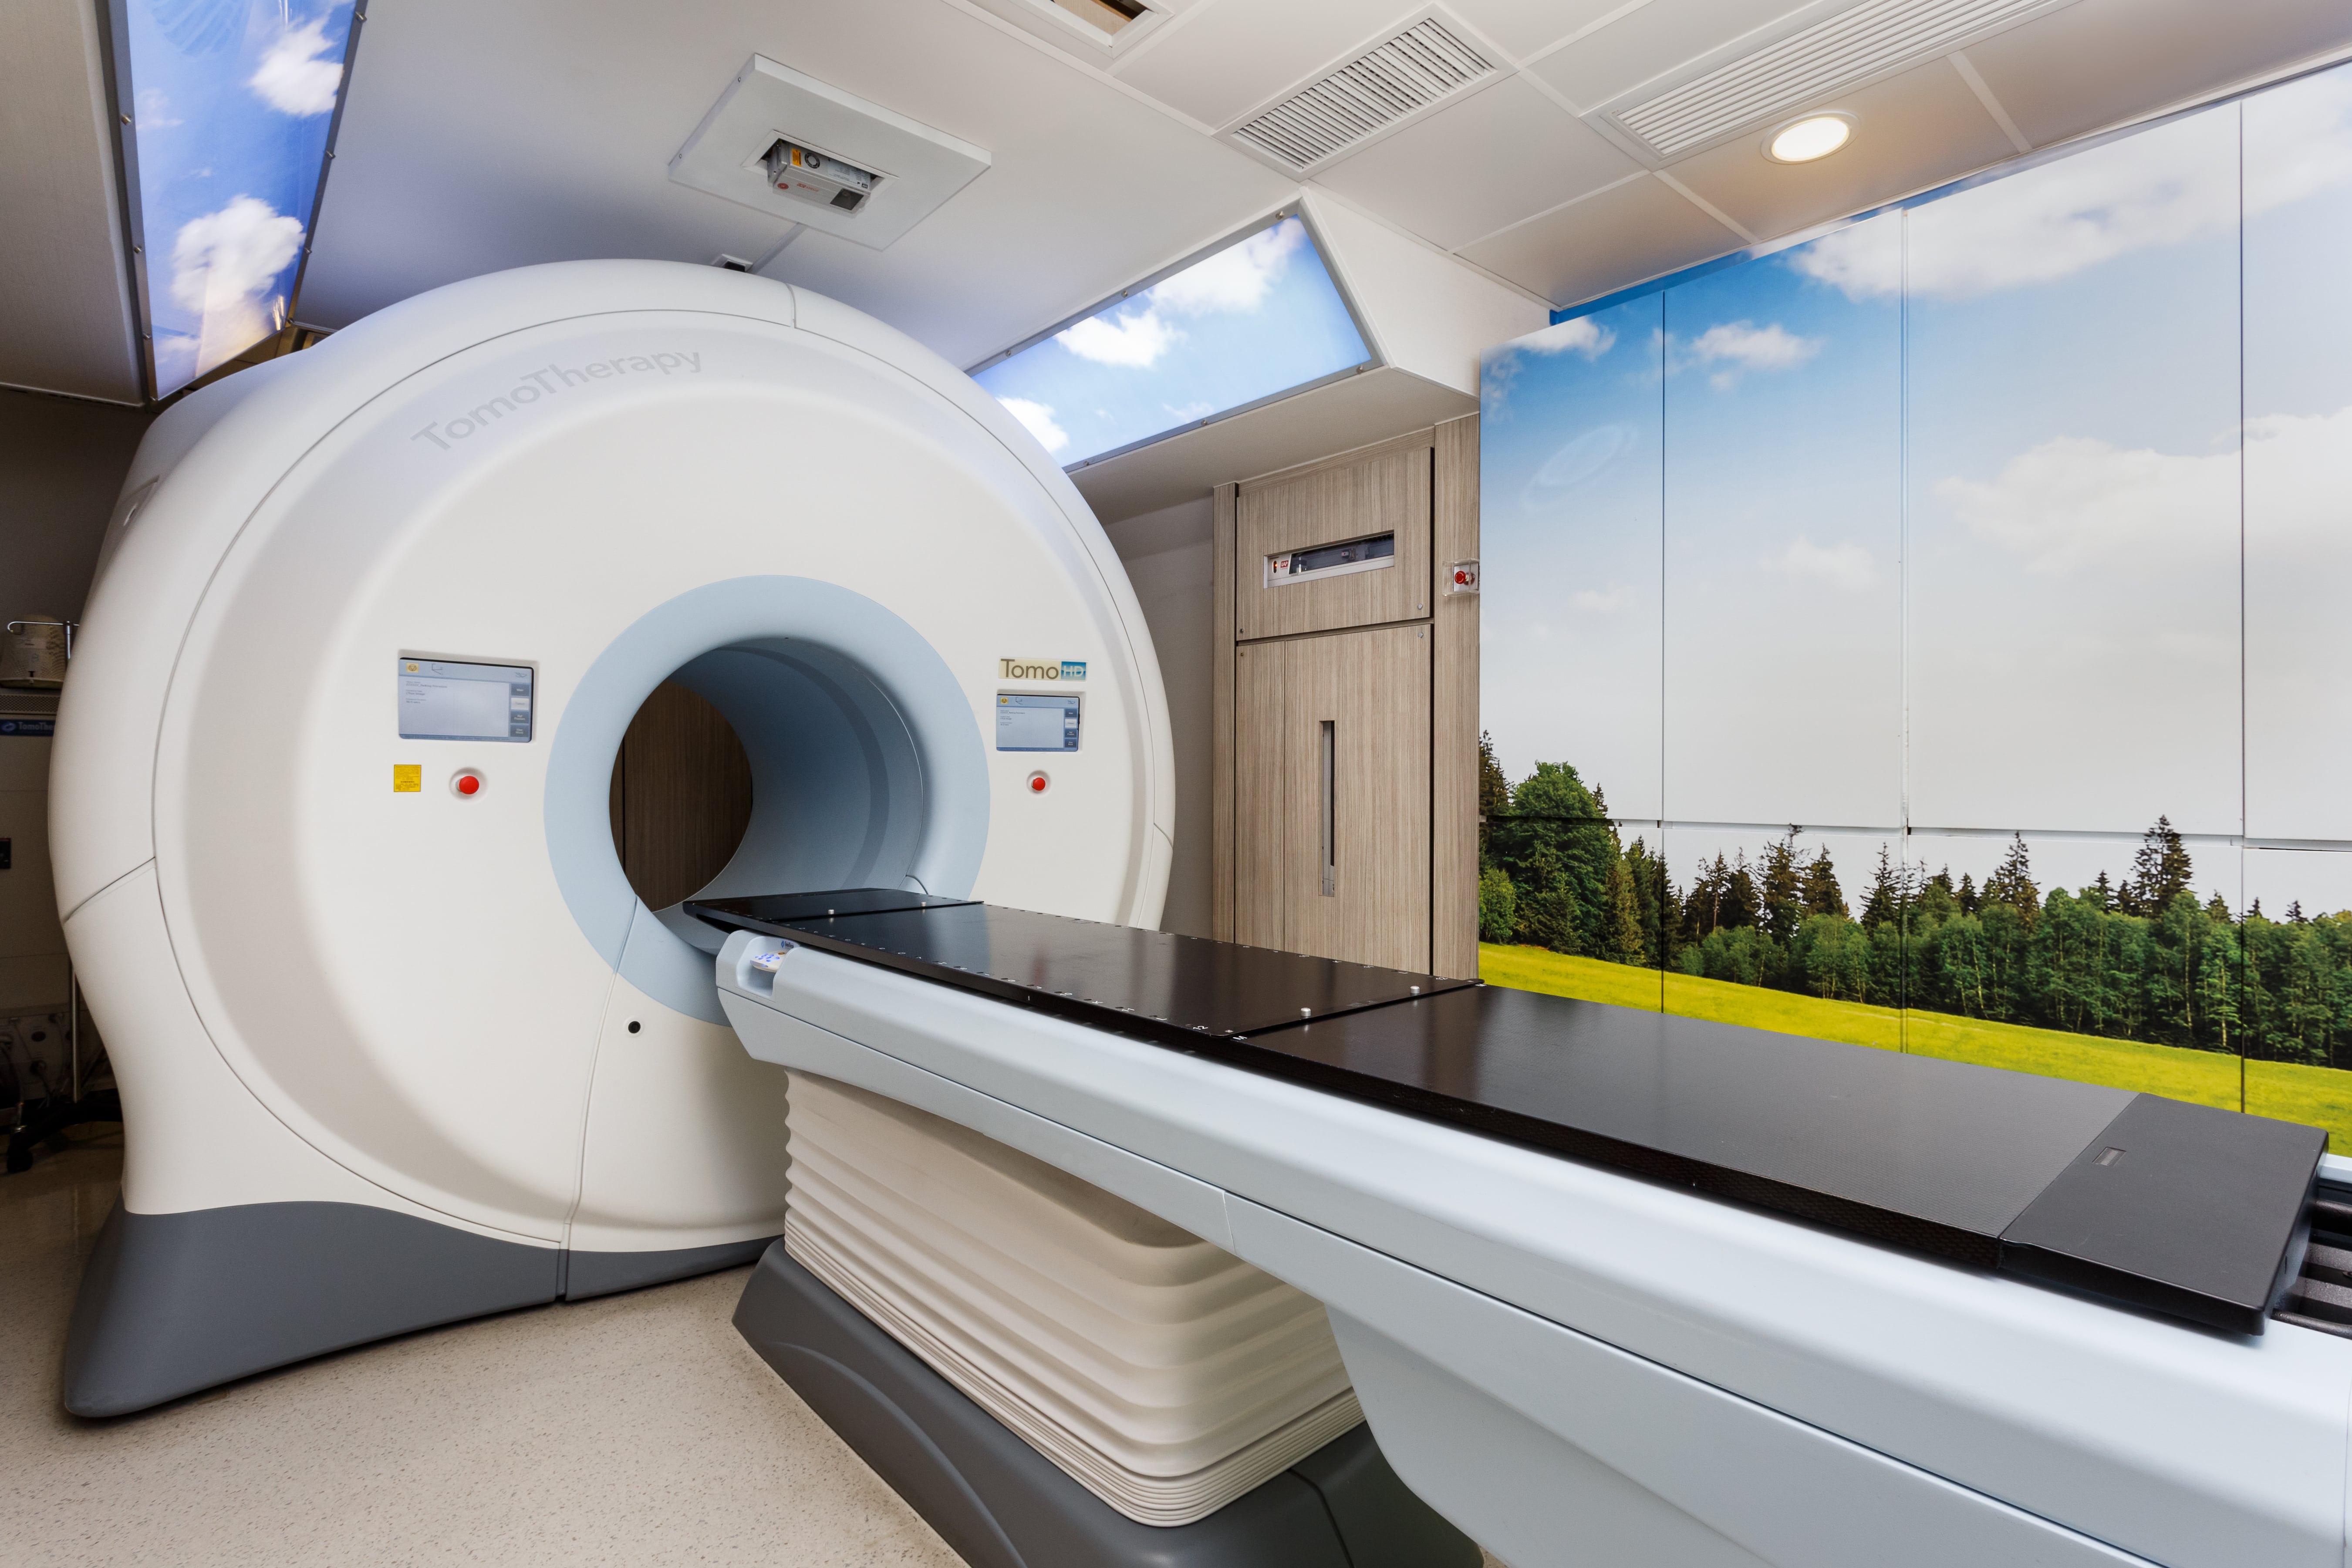 近年立體定向電療技術(SBRT)越來越成熟,此技術高度集中向腫瘤釋放高劑量的射線,同時減少對周邊的副作用。